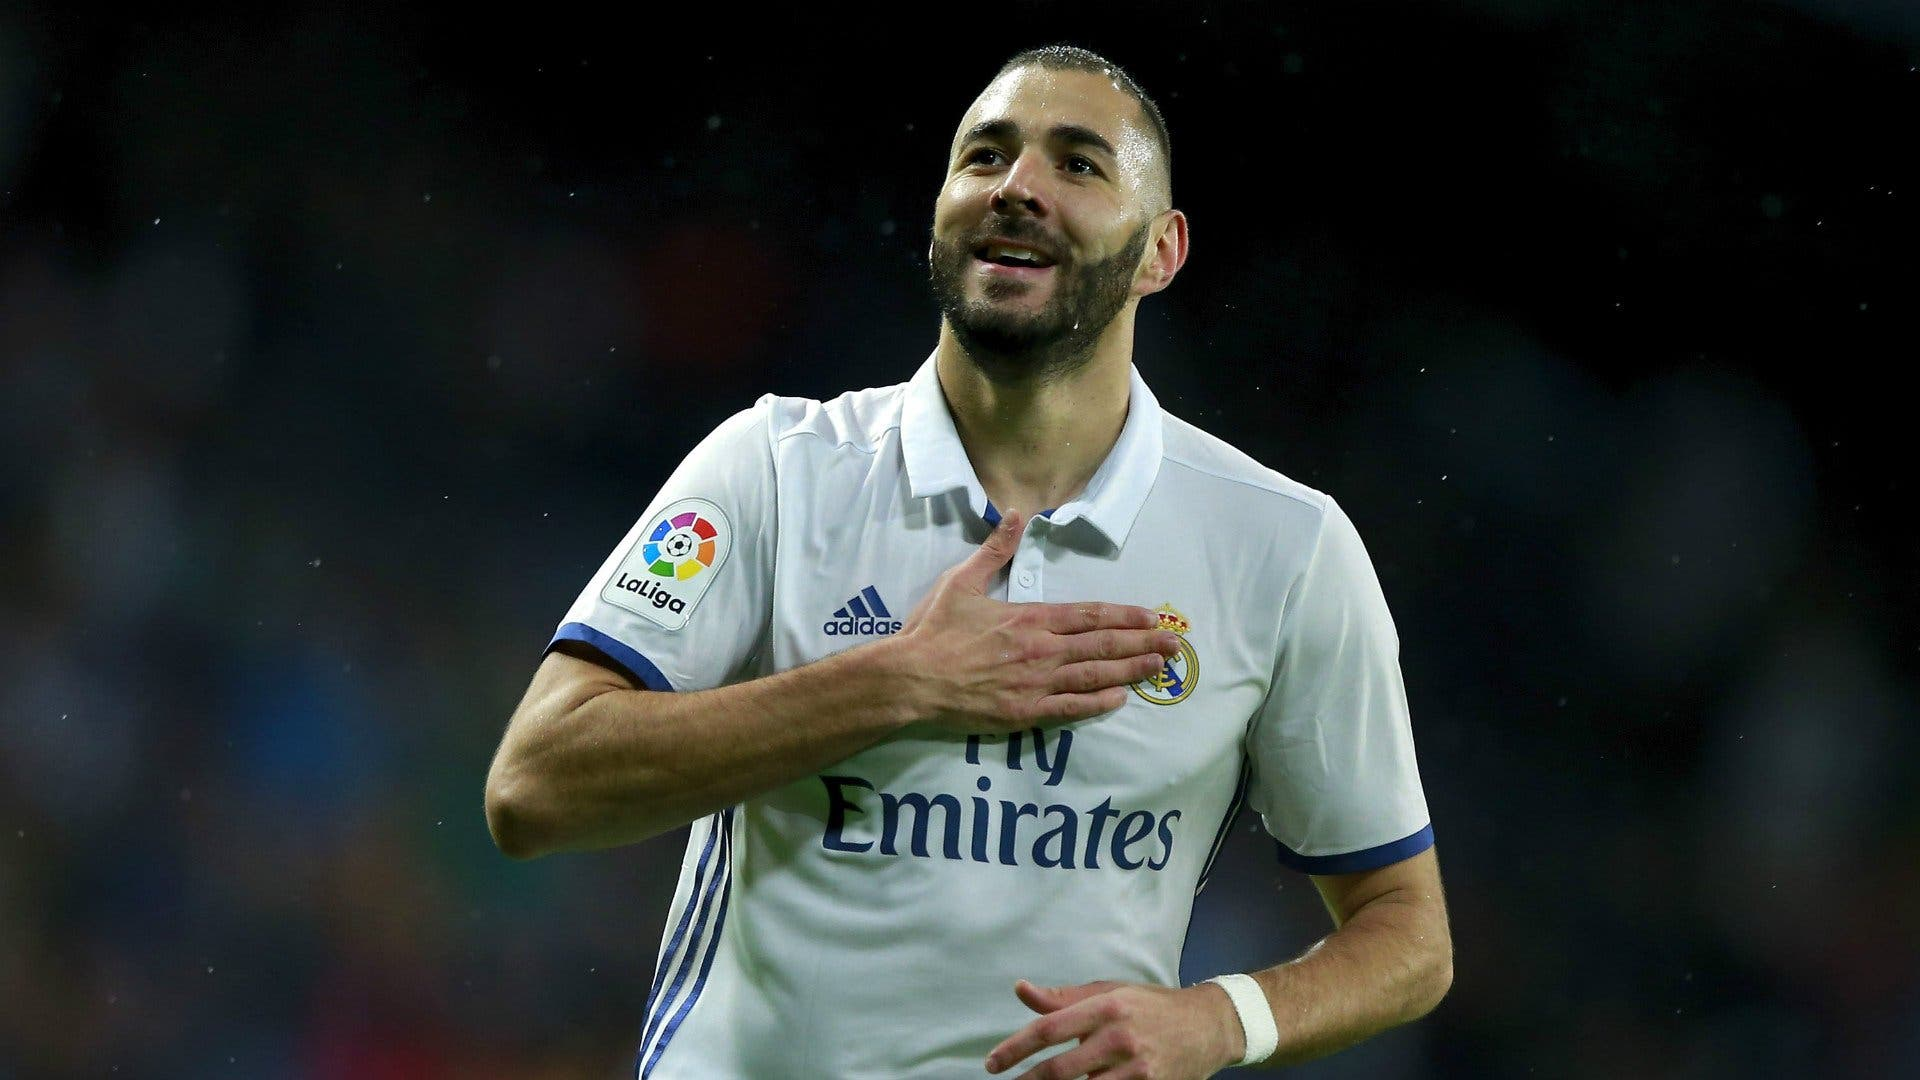 Los tres jugadores del Real Madrid que destrozan a Karim Benzema con puñaladas por la espalda